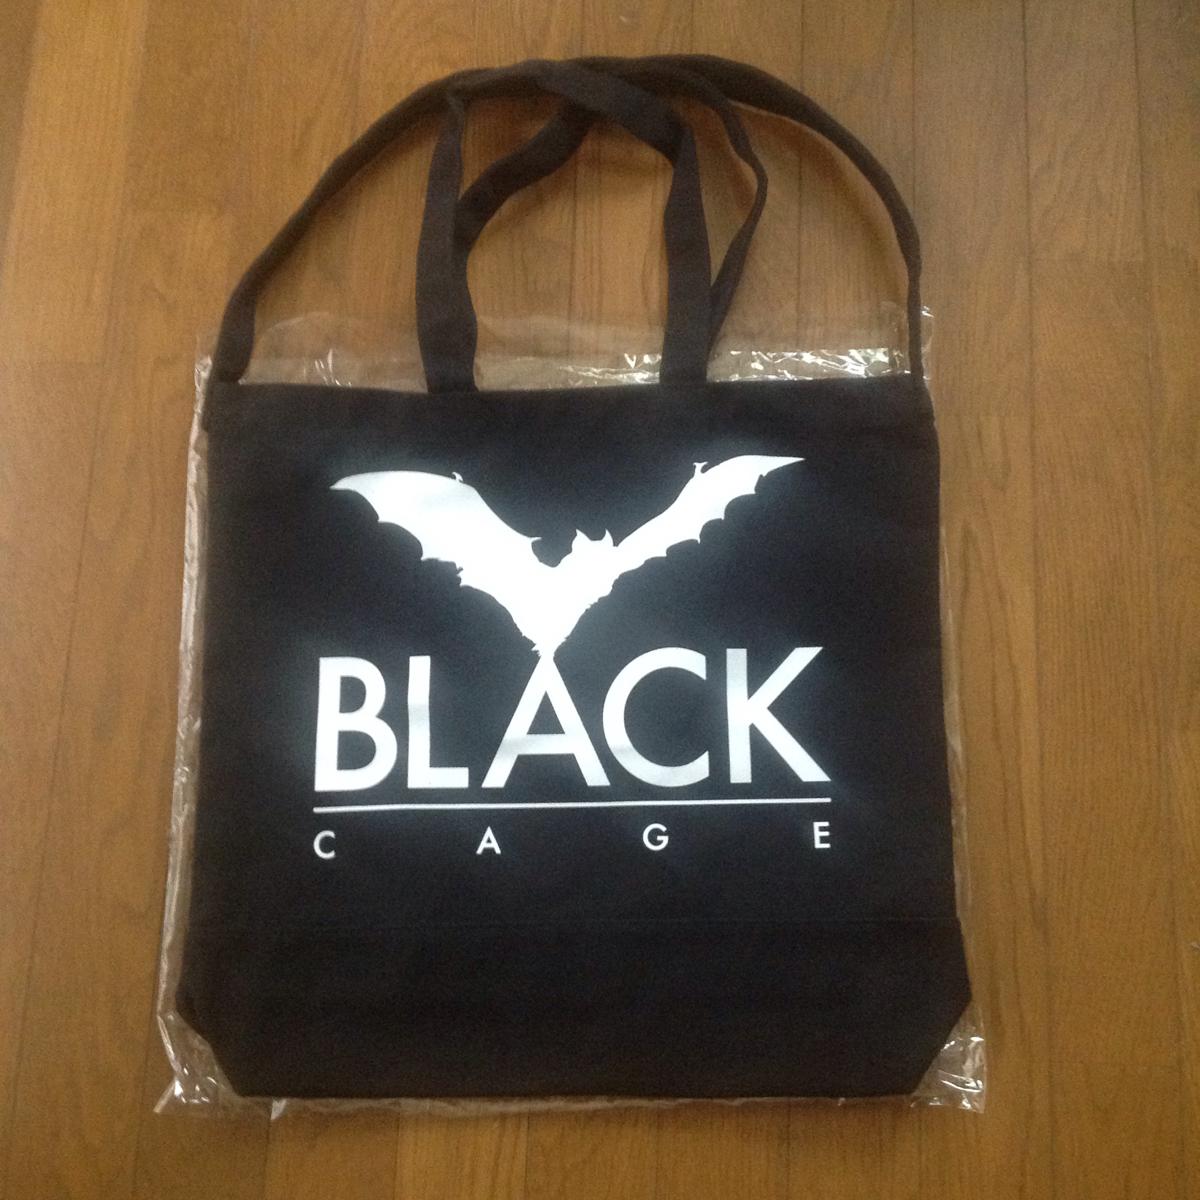 清春 黒夢 BLACK CAGE キャンバス ショルダー トートバック 大型 黒 未使用 Sads サッズ Kuroyume